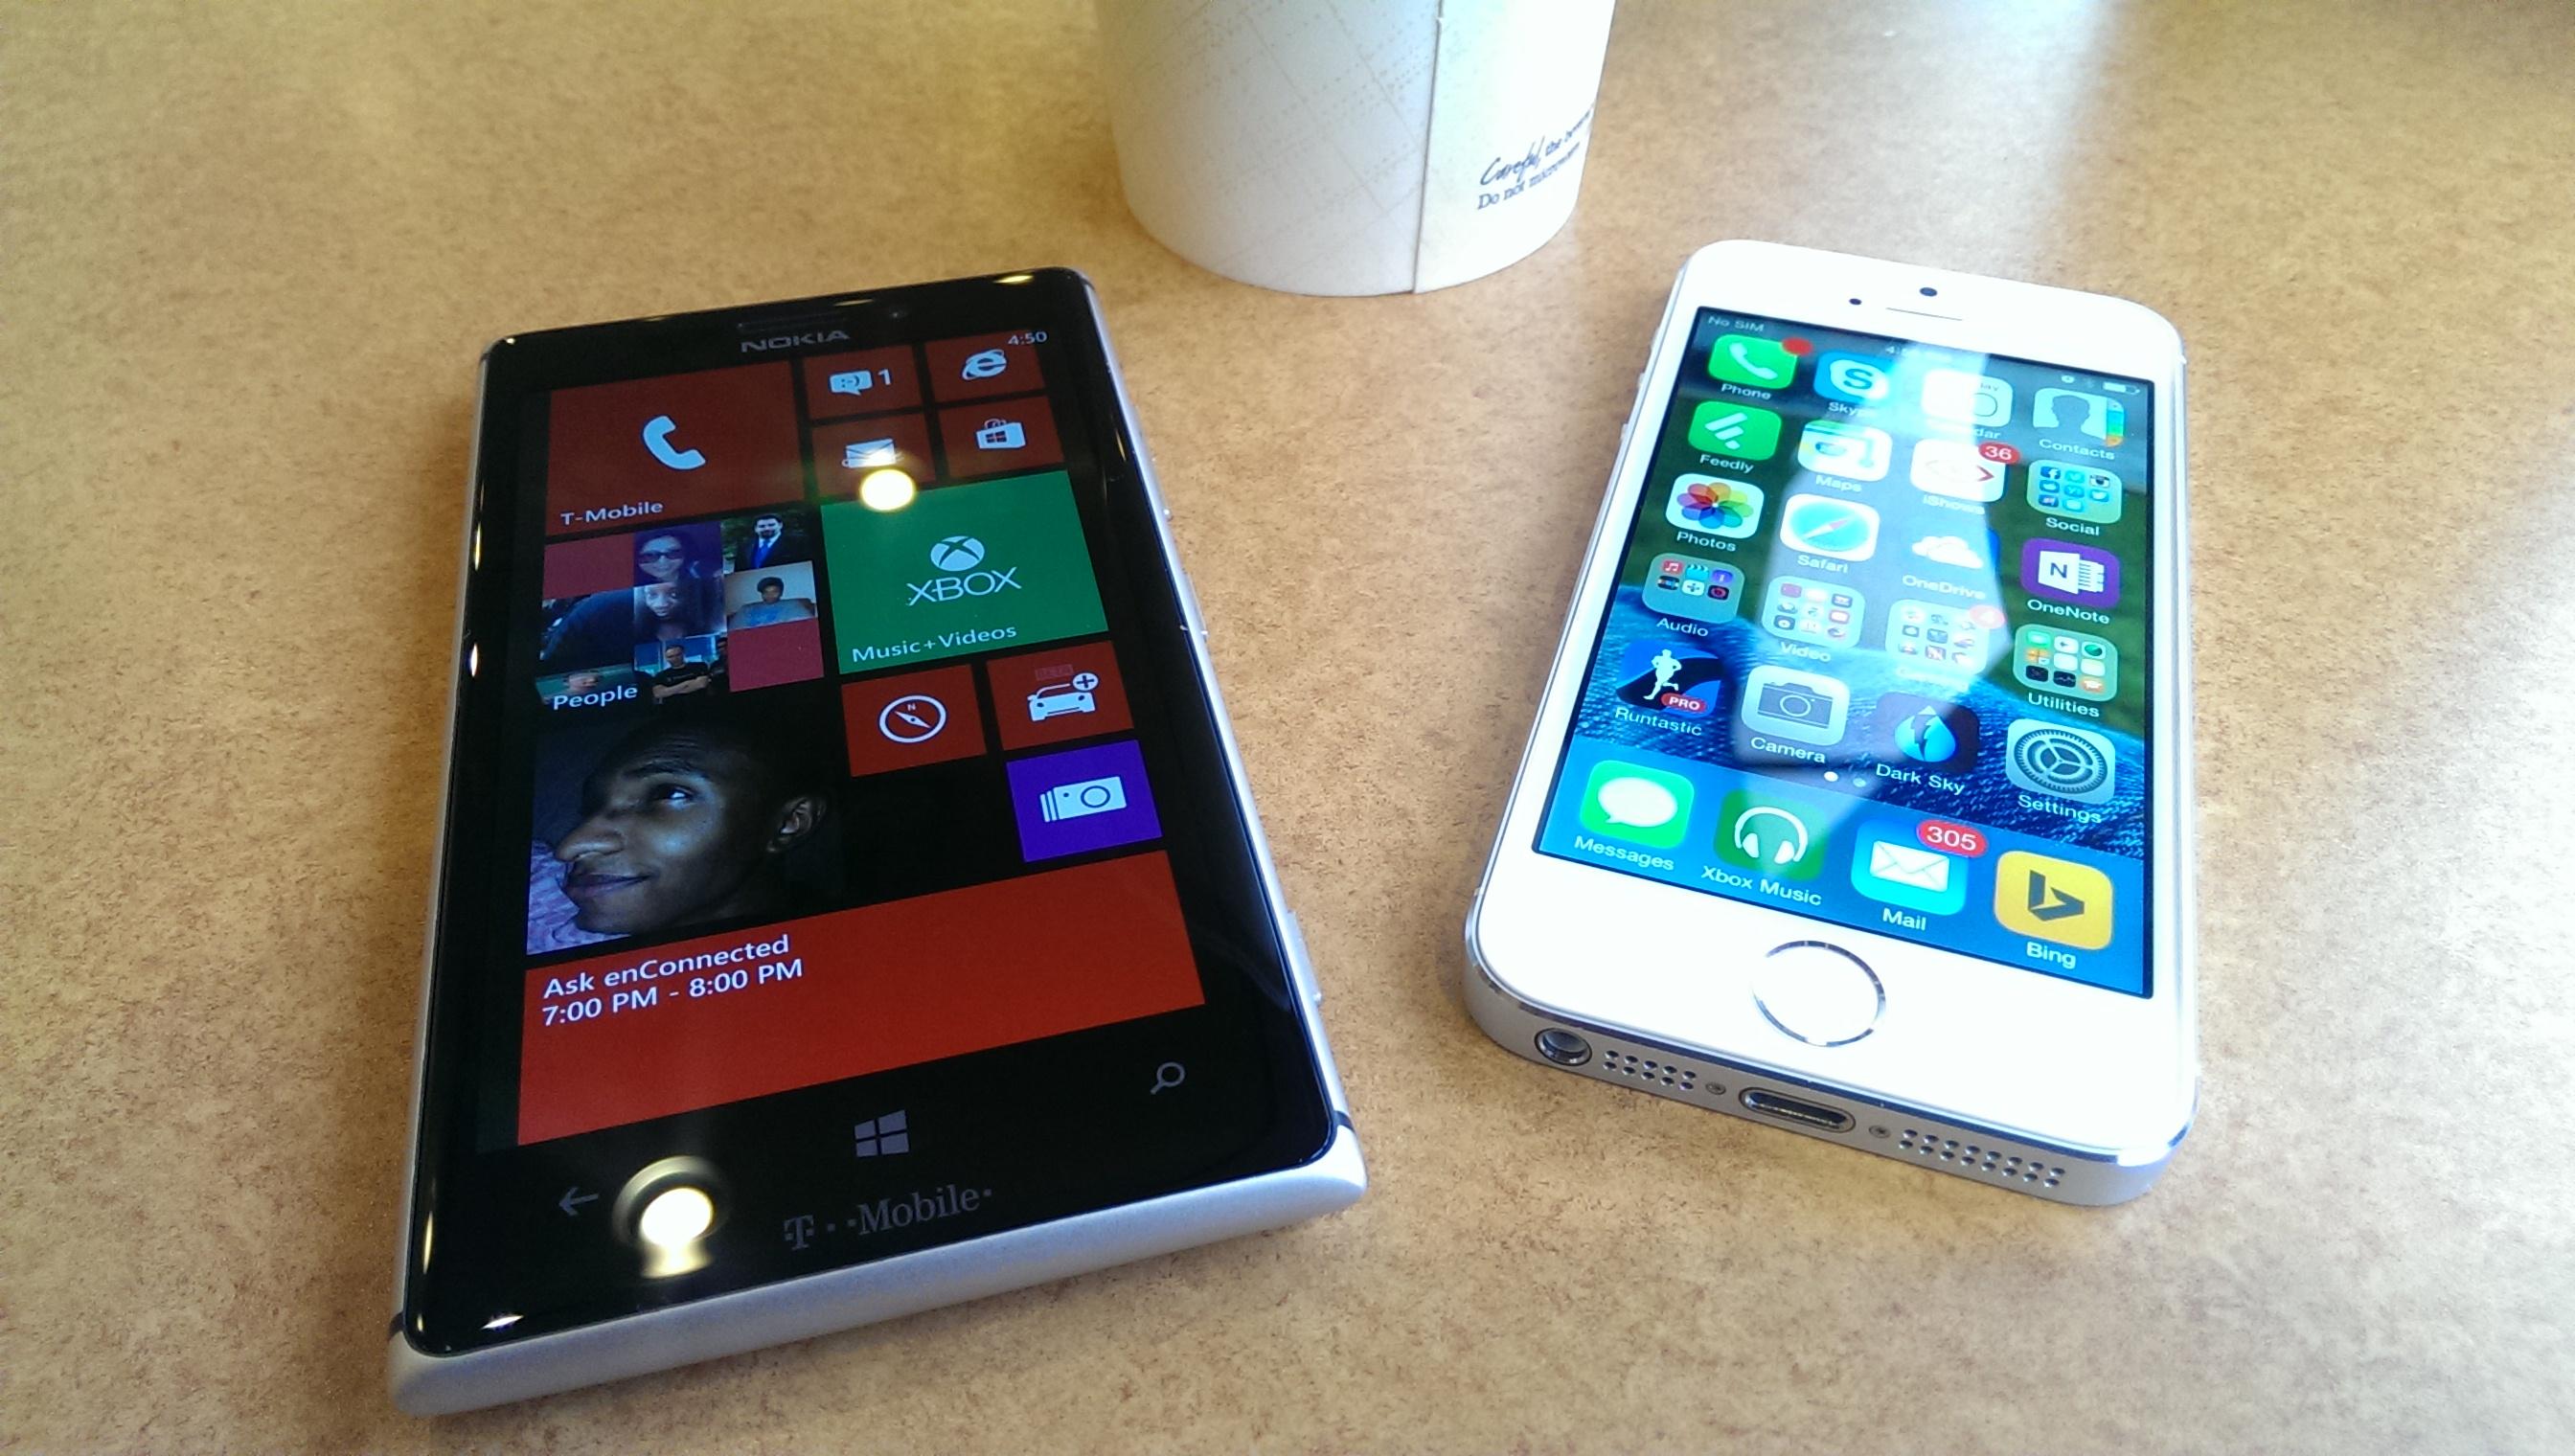 Nokia lumia 925 jpg - Nokia Lumia 925 What To Buy 1